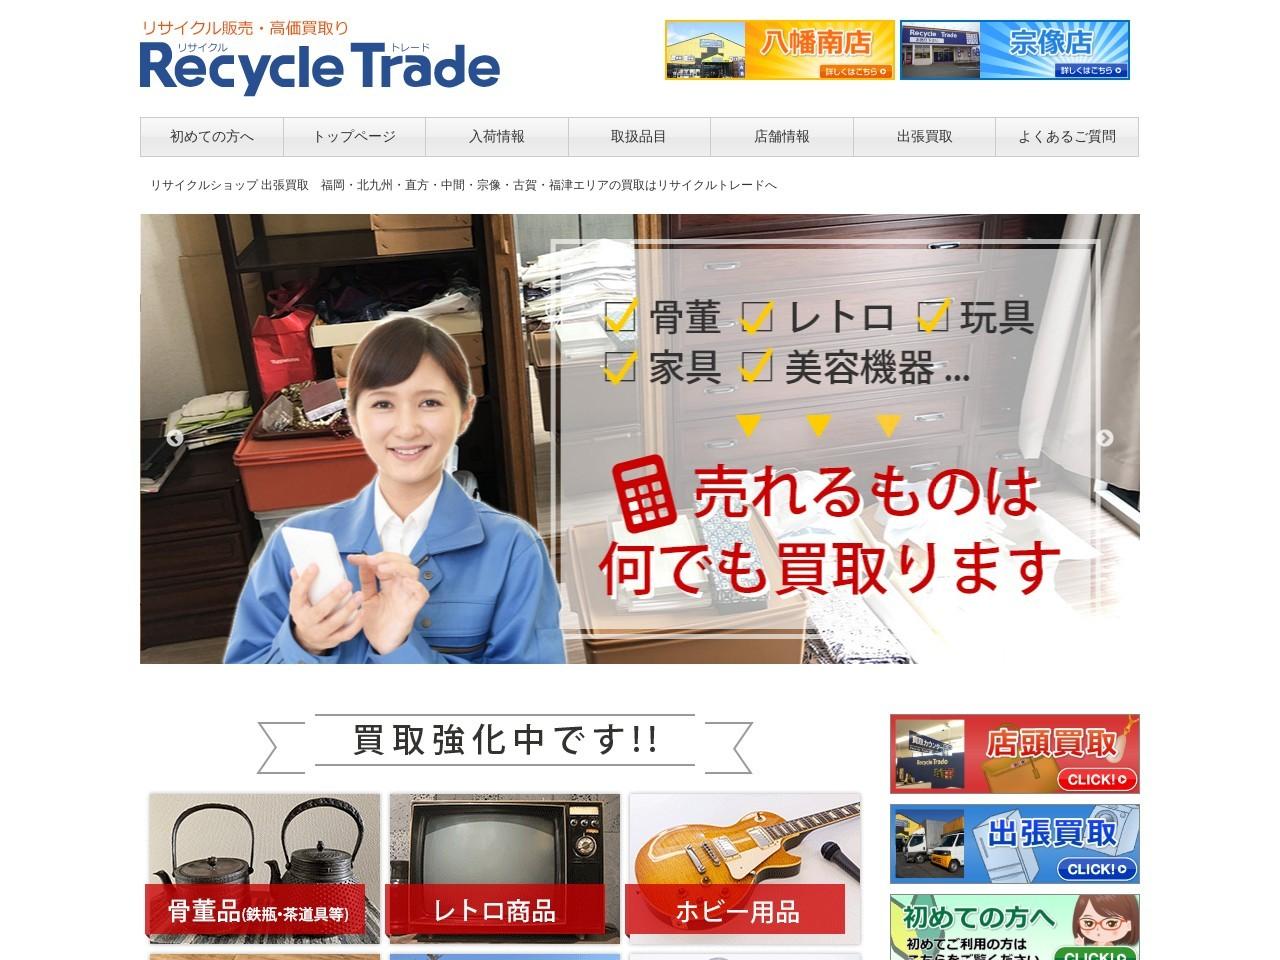 北九州 八幡 直方 遠賀 福津 古賀 宗像のリサイクルショップ 買取 リサイクルトレード 家具 テレビ 冷蔵庫 洗濯機 古着